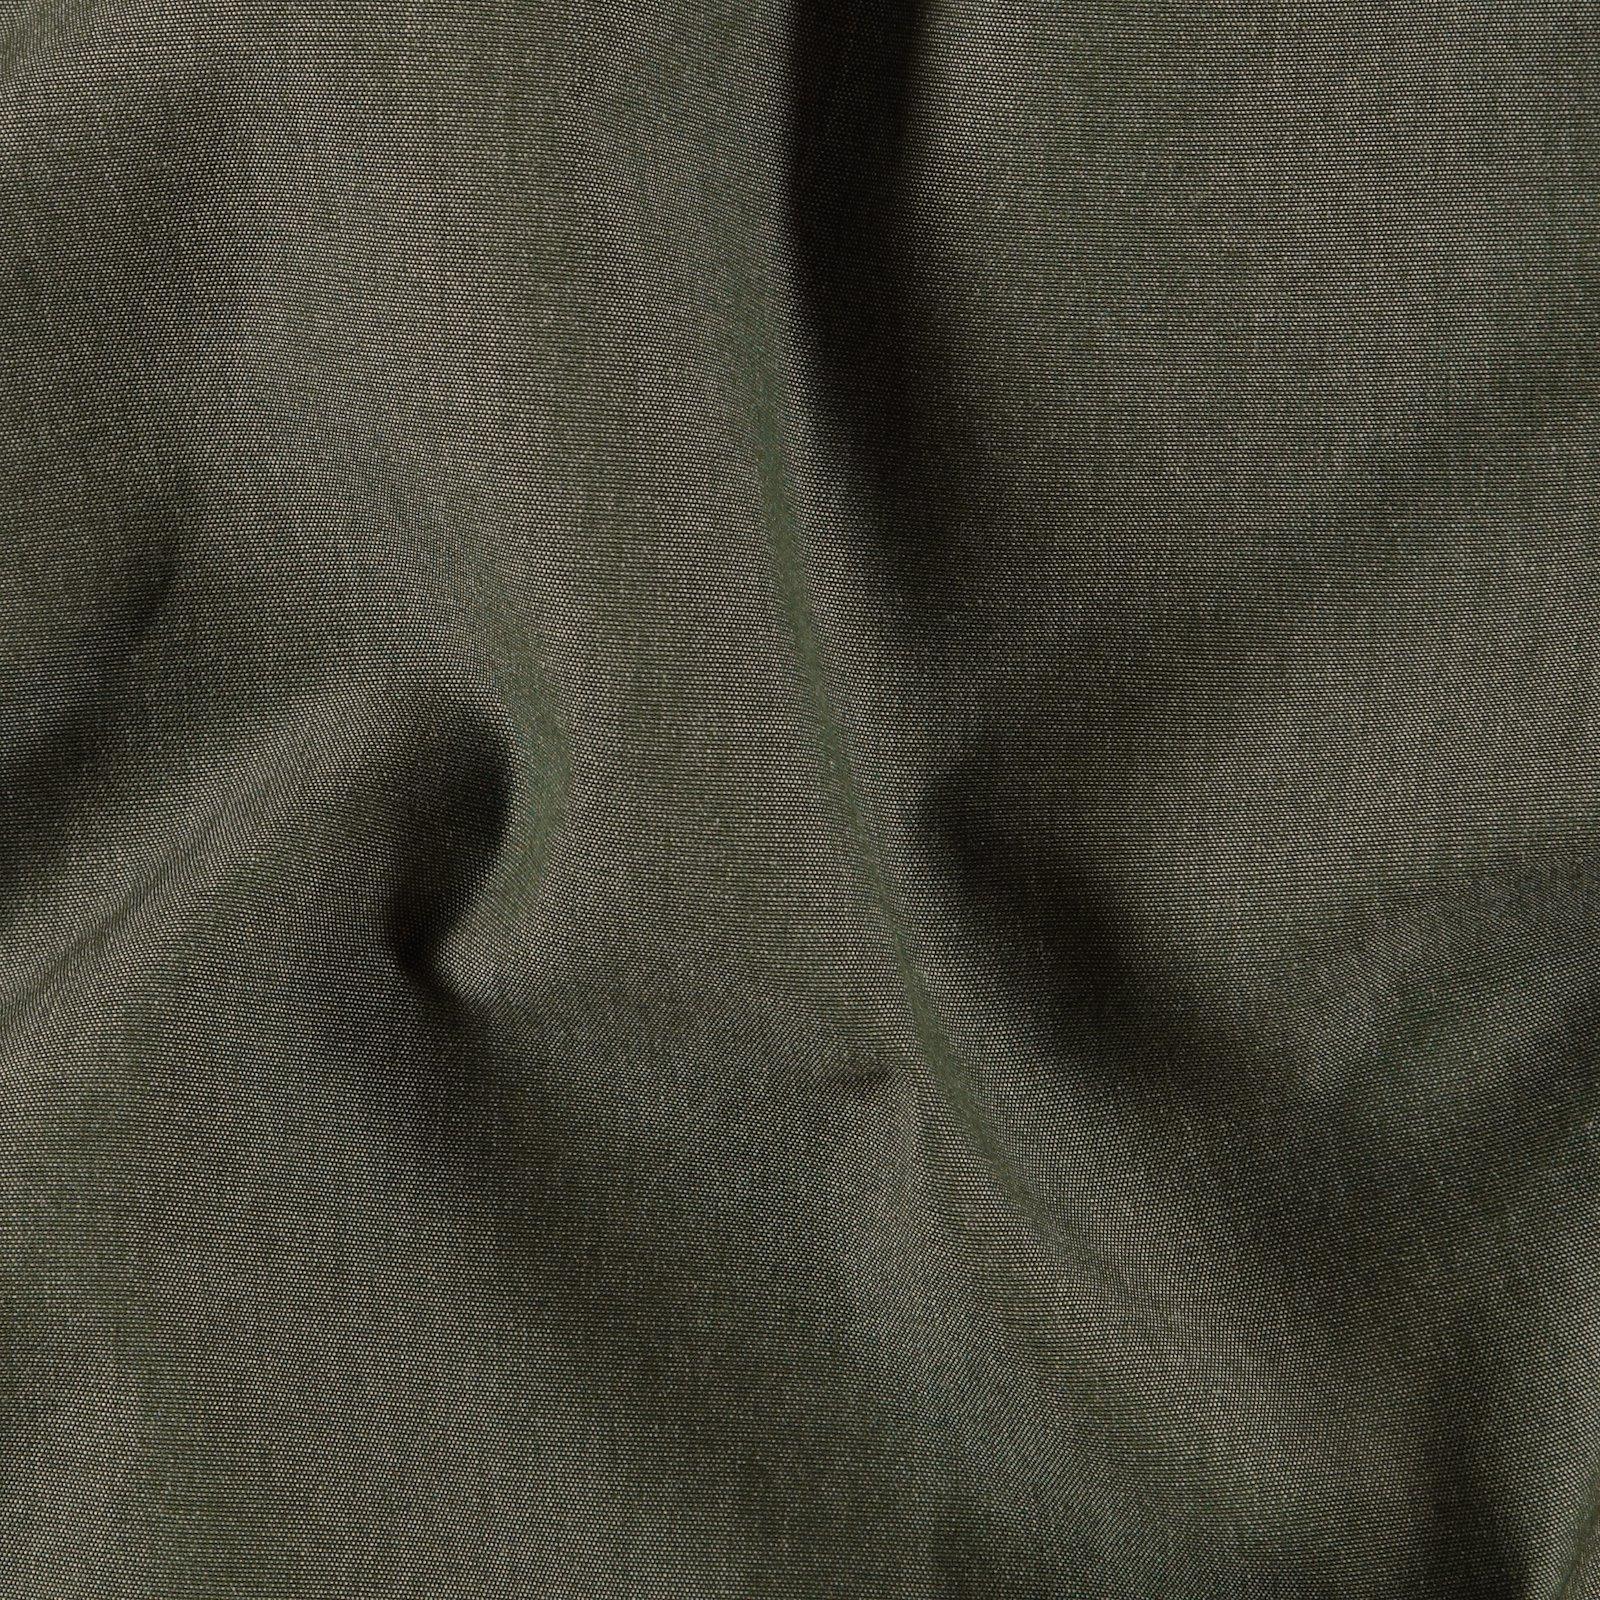 Dralon dark green melange Teflon coated